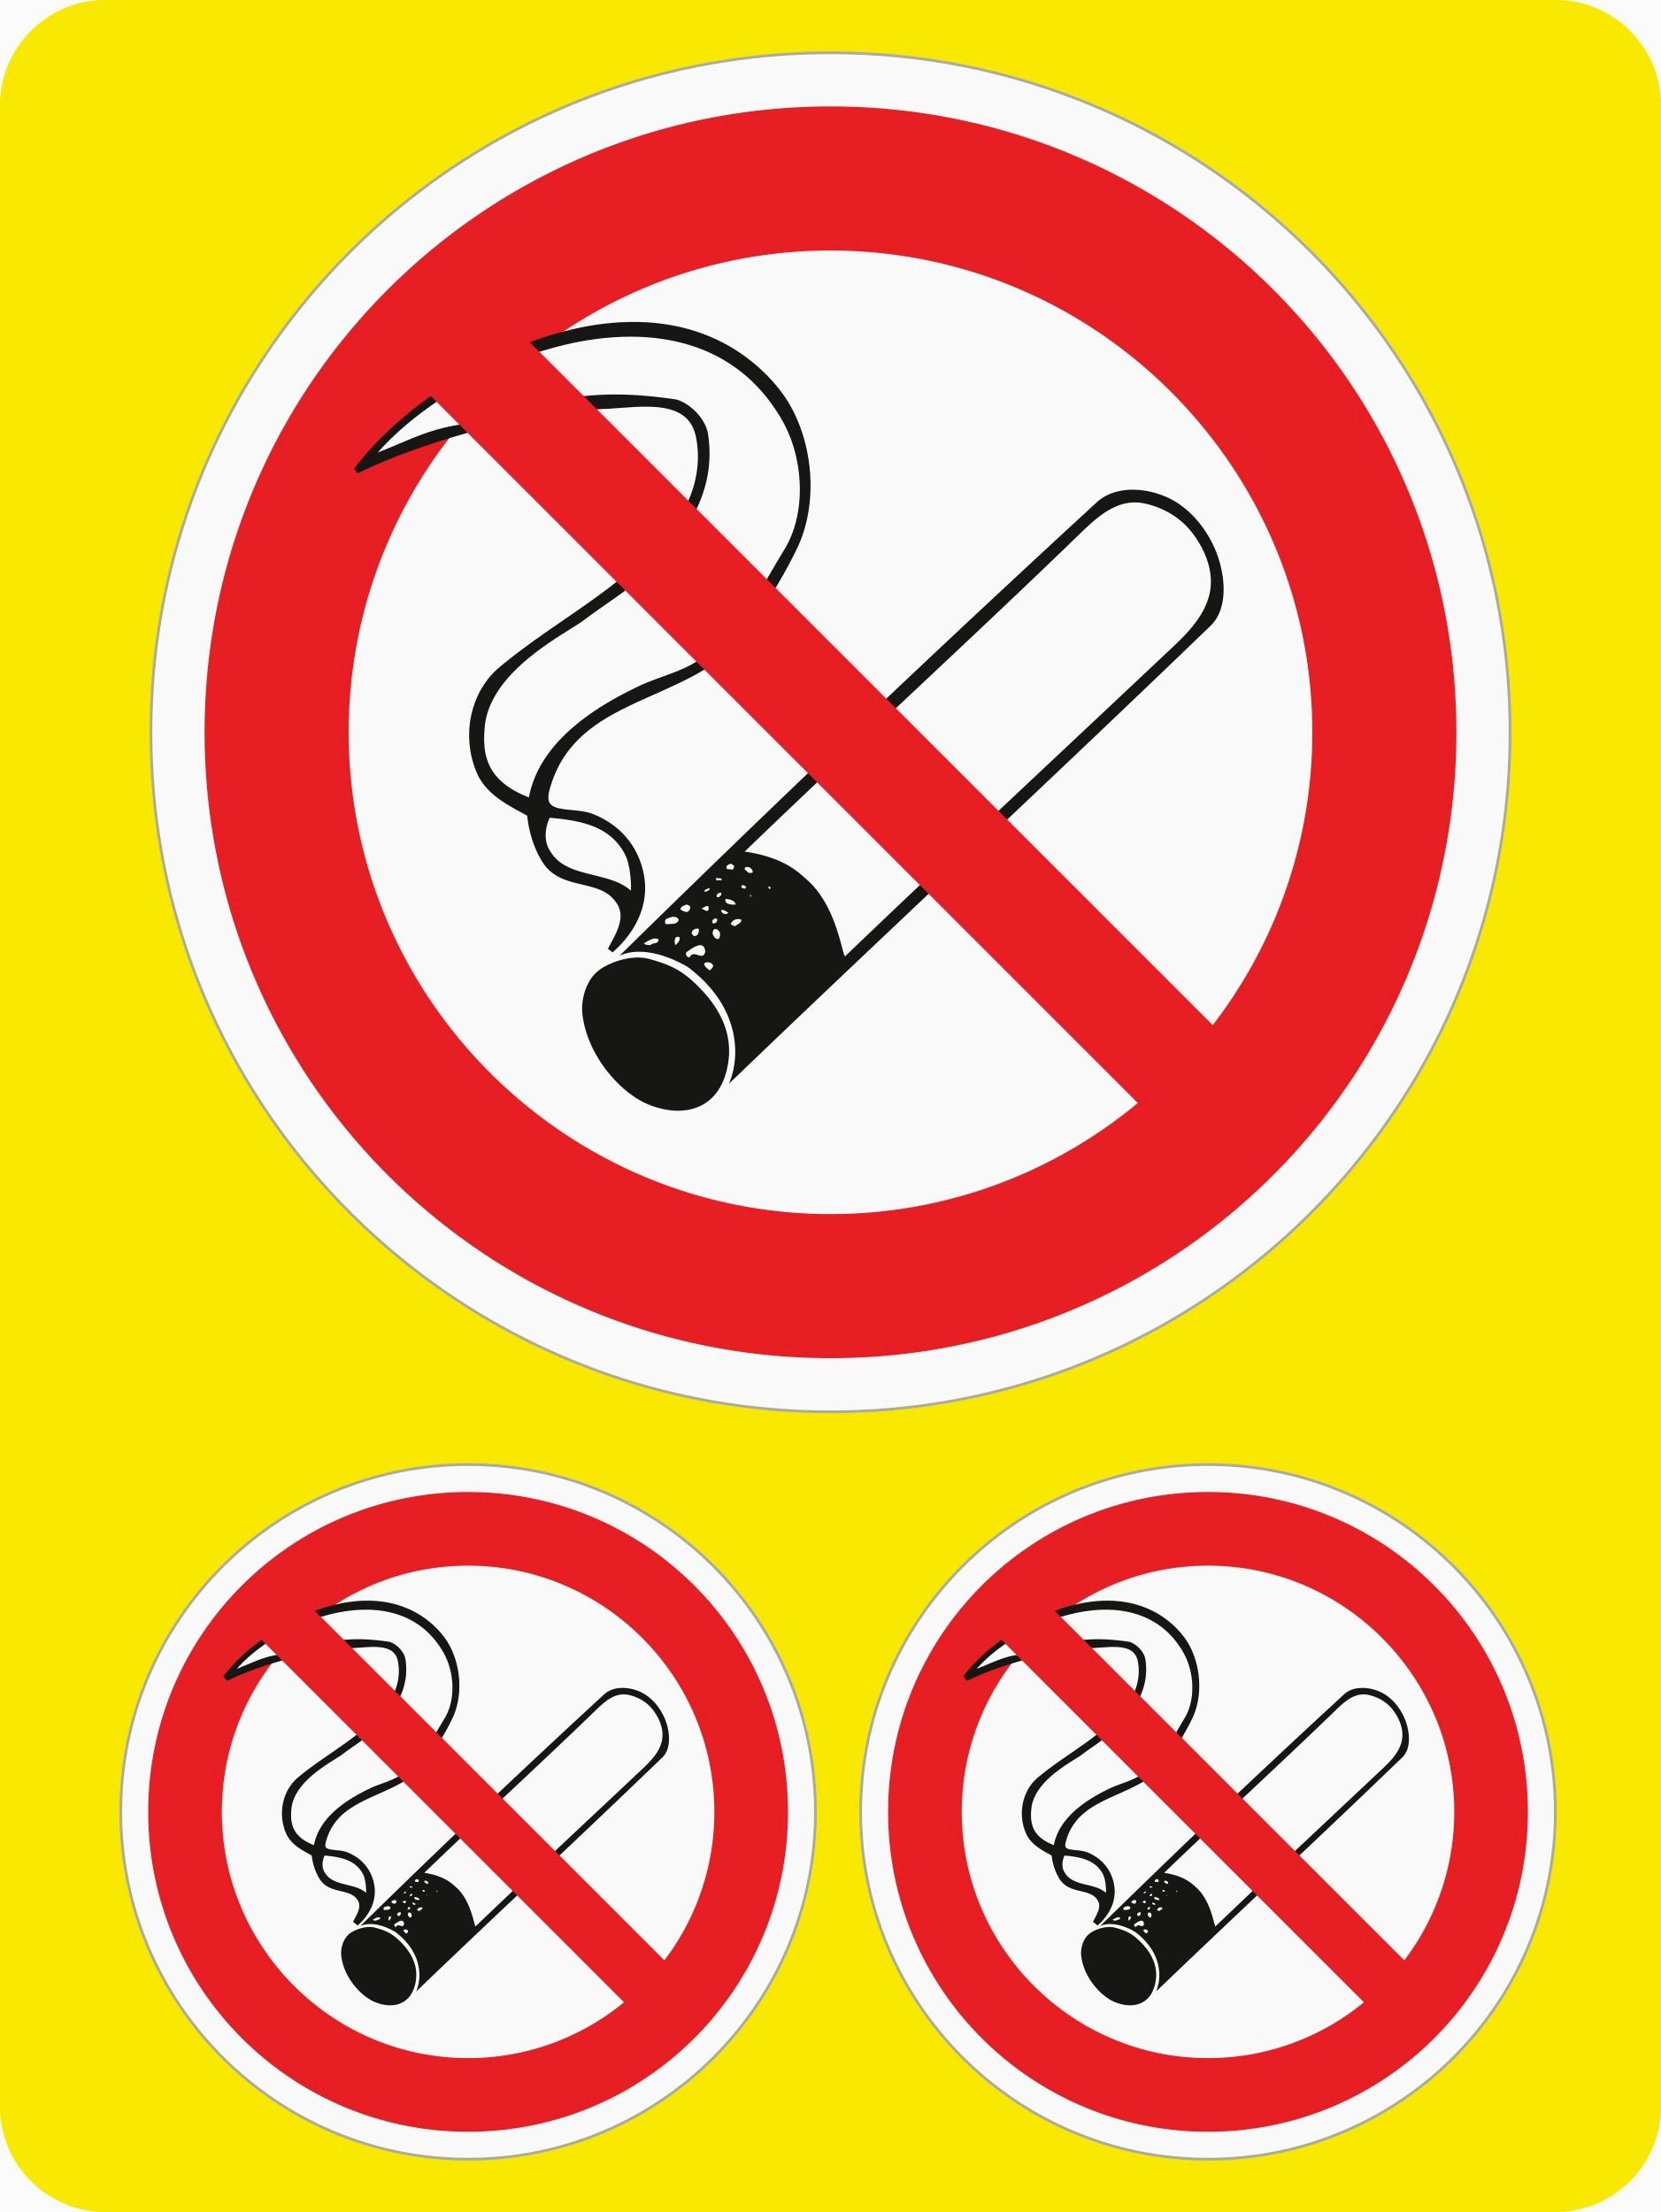 Autocollant Défense de fumer set de 3 145 x 110 mm – Bild 1